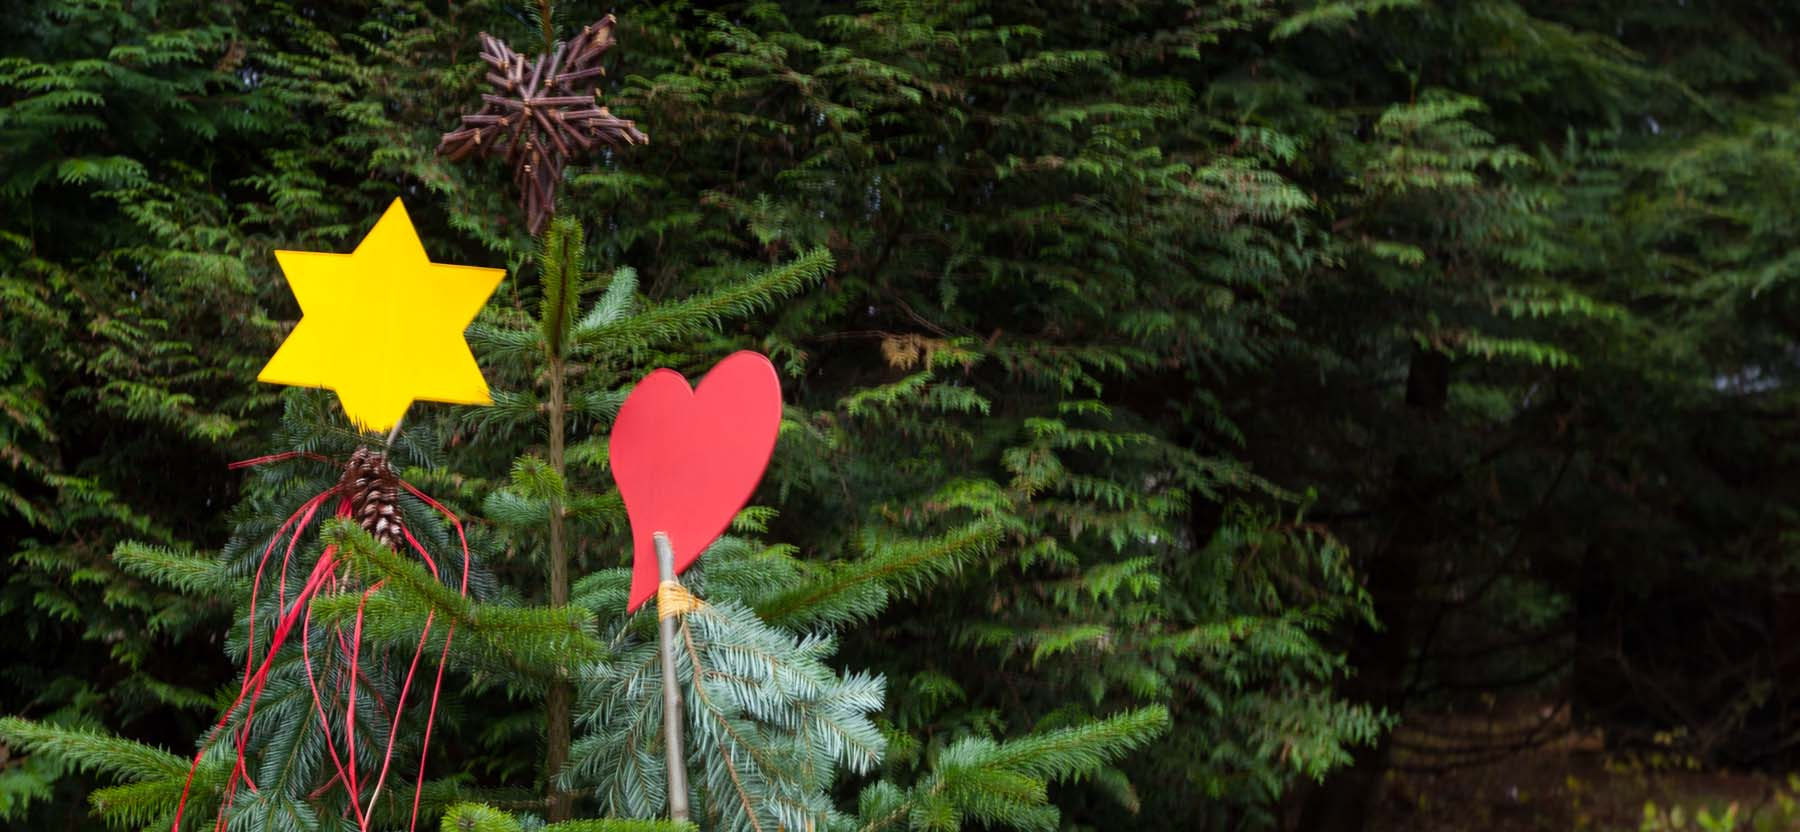 Waldweihnacht mit historischen Elementen – bei der 17. Waldweihnacht im Erlebniswald Trappenkamp führt die Reise dieses Jahr neben Märchenpfad und Wichtelwald ins Mittelalter